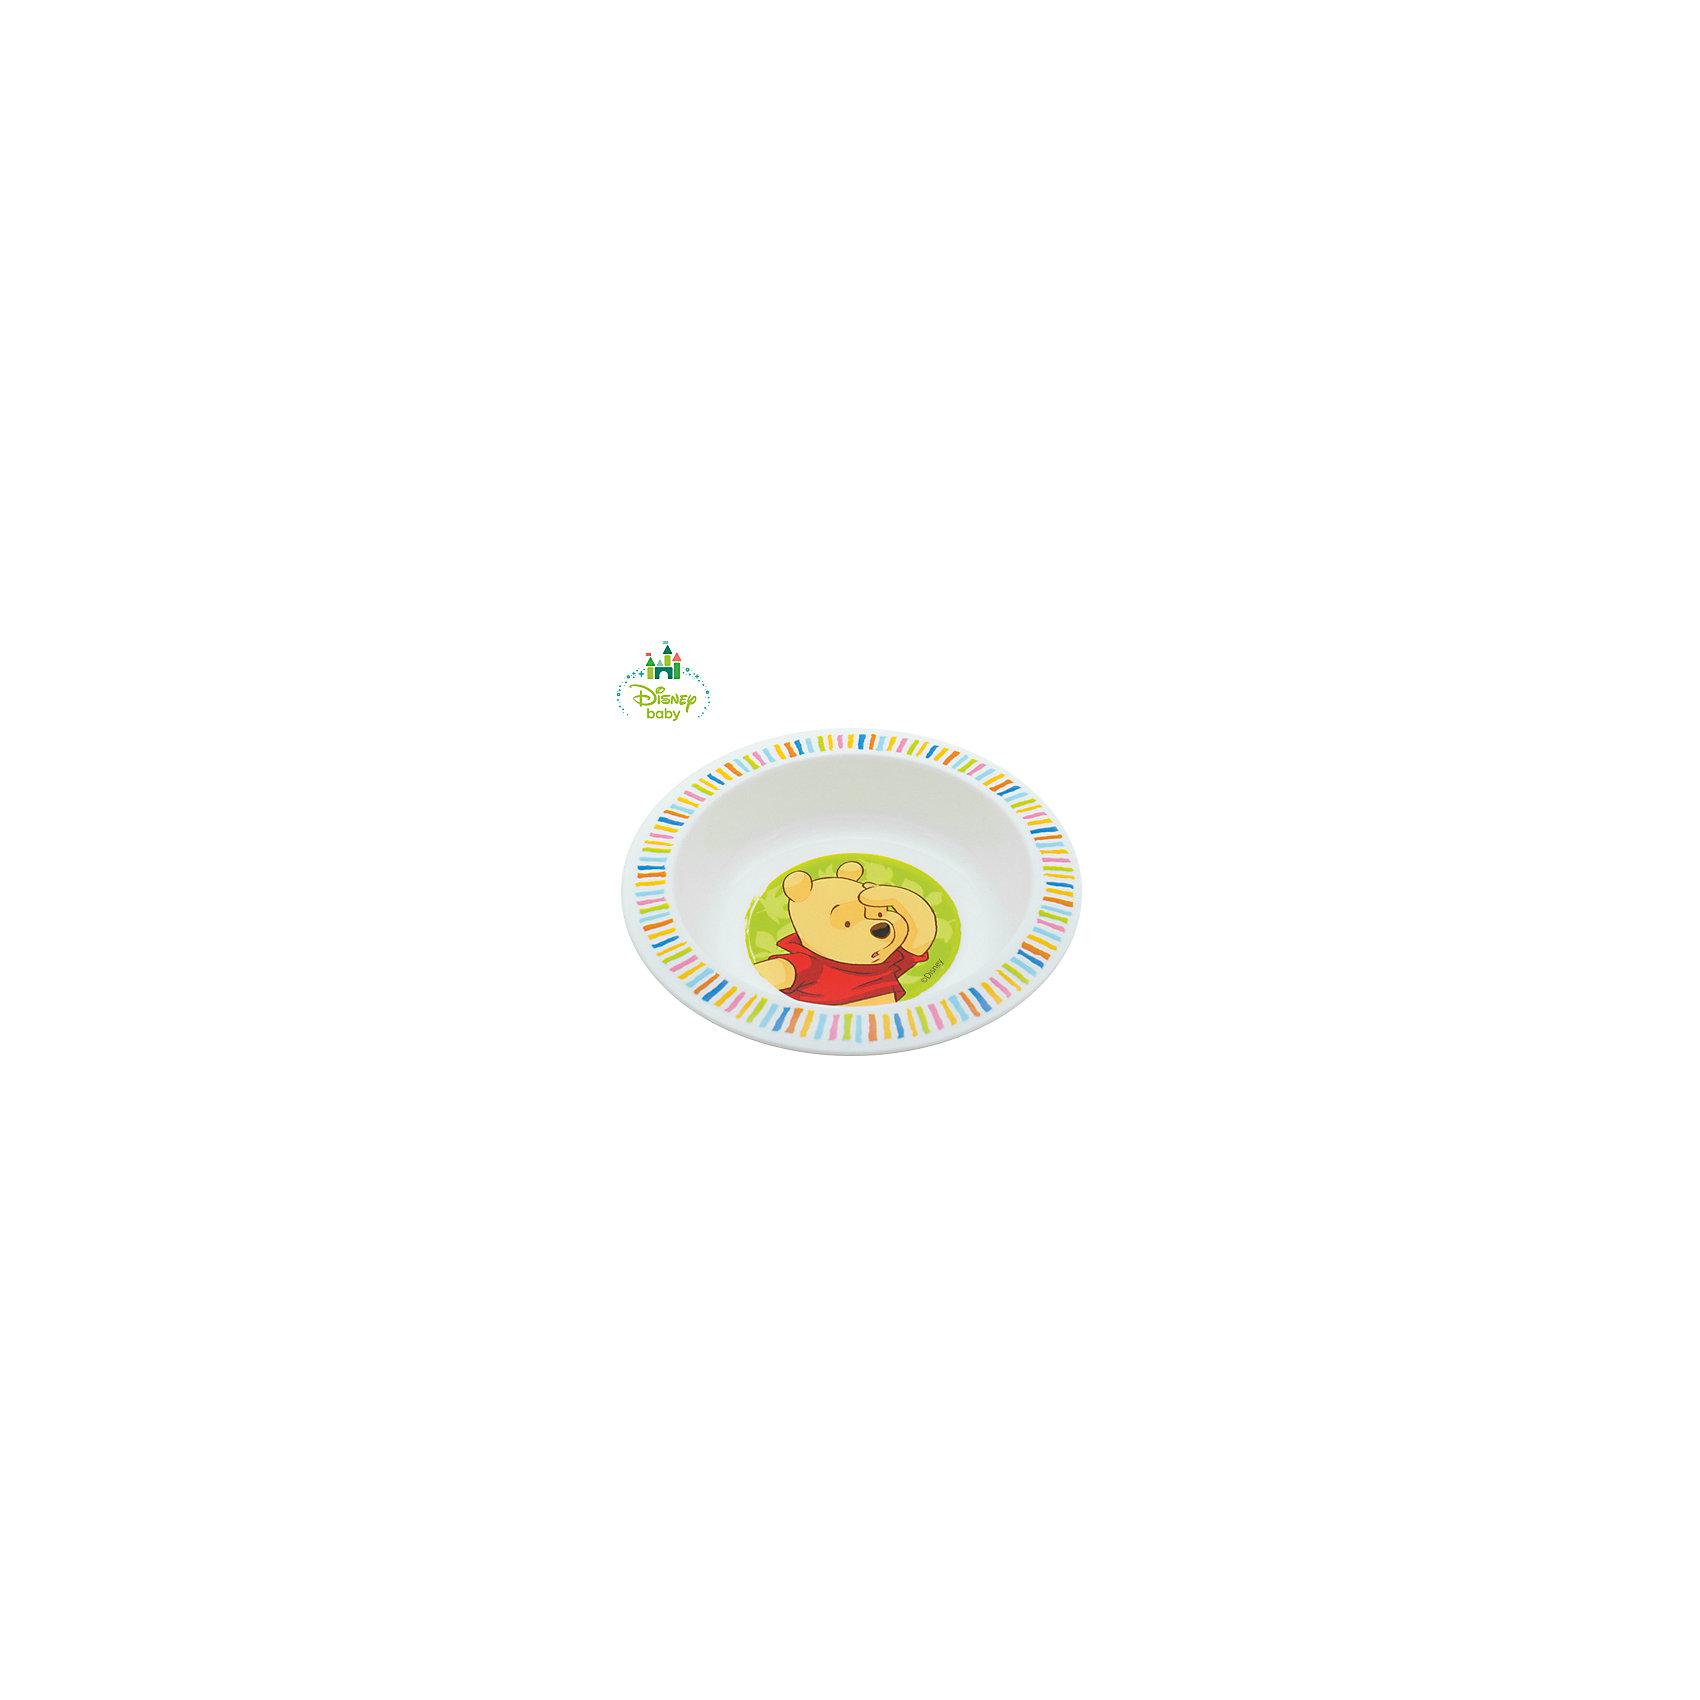 Тарелка Медвежонок Винни DISNEY от 6 мес., LUBBY, белыйТарелка Медвежонок Винни DISNEY от 6 мес., LUBBY, белый.<br><br>Характеристики:<br><br>- Размер: 17,5х3 см.<br>- Цвет: белый<br>- Материал: полипропилен<br>- Размер упаковки: 45х210х177 мм.<br>- Срок службы: 1 год<br><br>Тарелка Медвежонок Винни выполнена из высококачественного пищевого полипропилена - нетоксичного и безопасного для здоровья малыша материала. Глубина тарелки позволяет кушать из нее супы, кашки и различные жидкие по консистенции блюда. Нарисованный на дне тарелки забавный Винни Пух побуждает малыша доесть до конца и превращает прием пищи в игру.<br><br>Тарелку Медвежонок Винни DISNEY от 6 мес., LUBBY, белую можно купить в нашем интернет-магазине.<br><br>Ширина мм: 45<br>Глубина мм: 210<br>Высота мм: 177<br>Вес г: 350<br>Возраст от месяцев: 6<br>Возраст до месяцев: 36<br>Пол: Унисекс<br>Возраст: Детский<br>SKU: 5039271